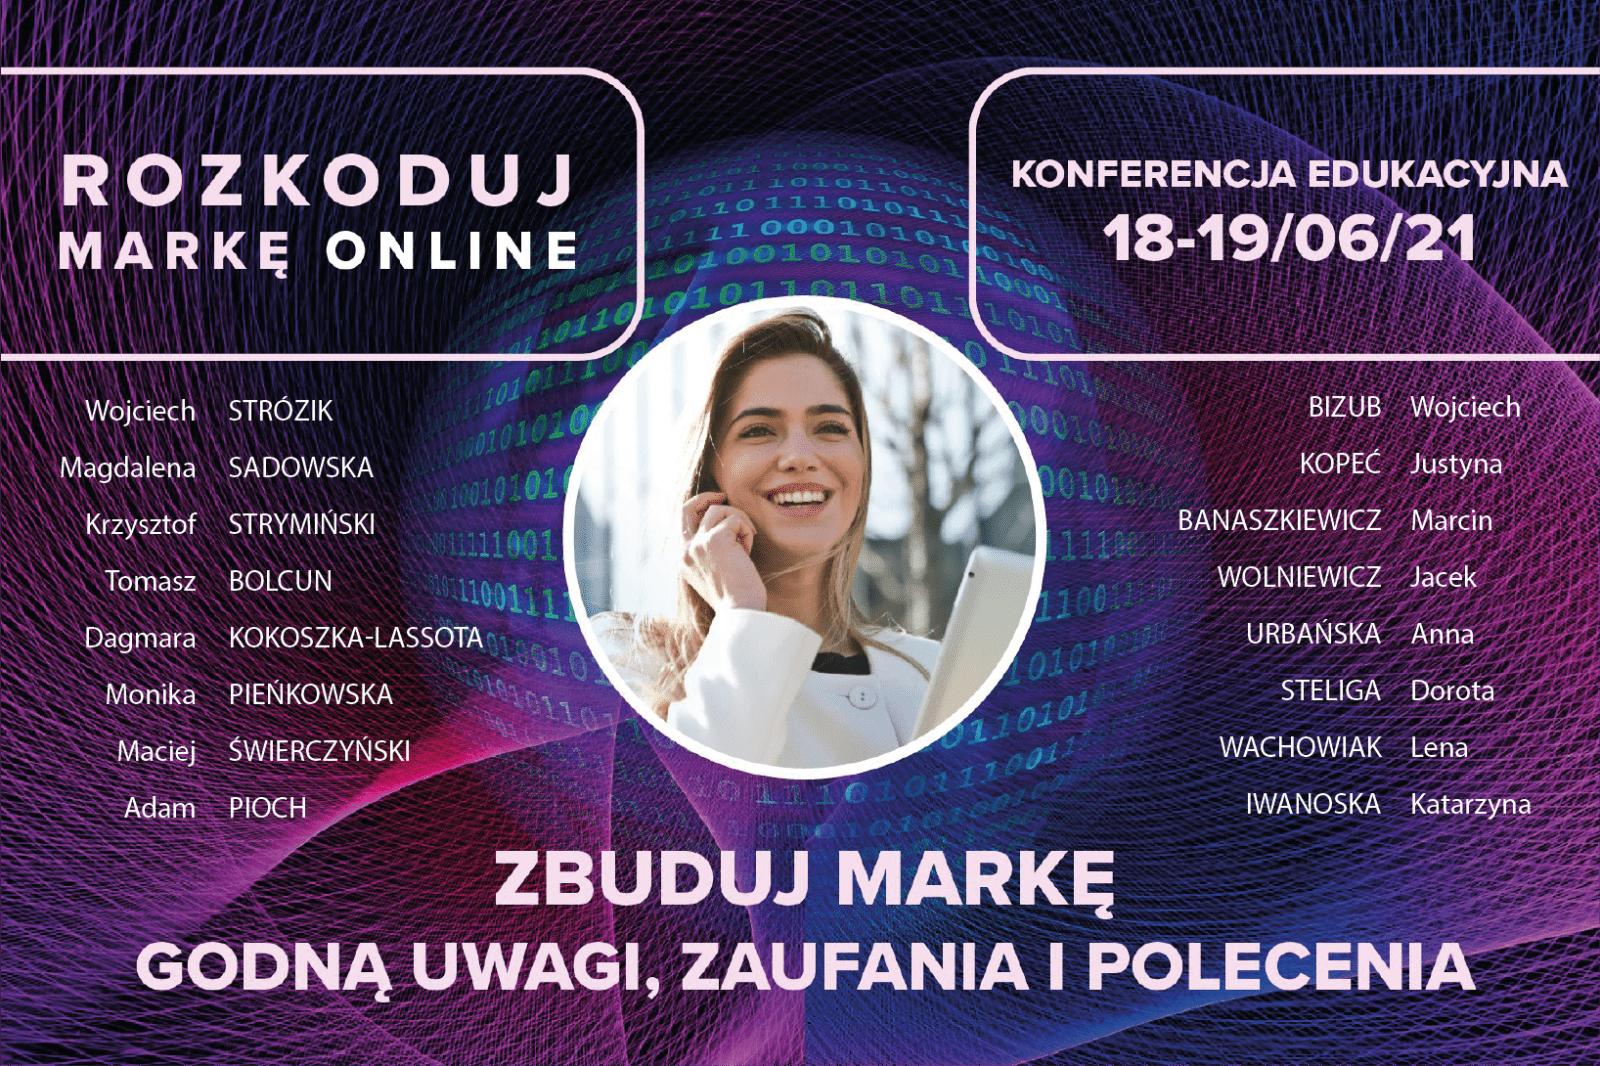 Rozkoduj markę online Justyna Kopeć